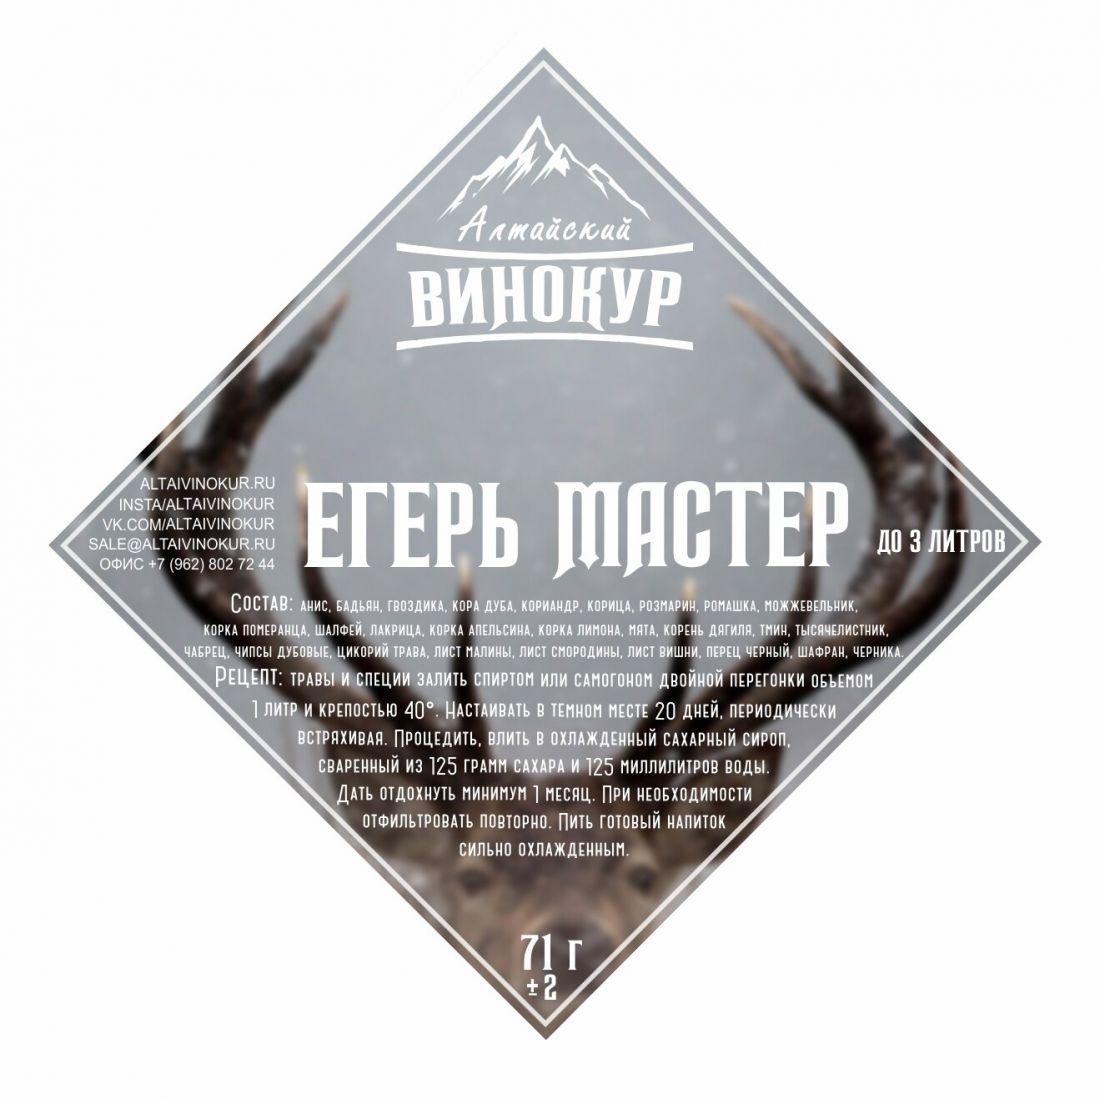 Набор трав Егерь мастер (Алтайский Винокур)